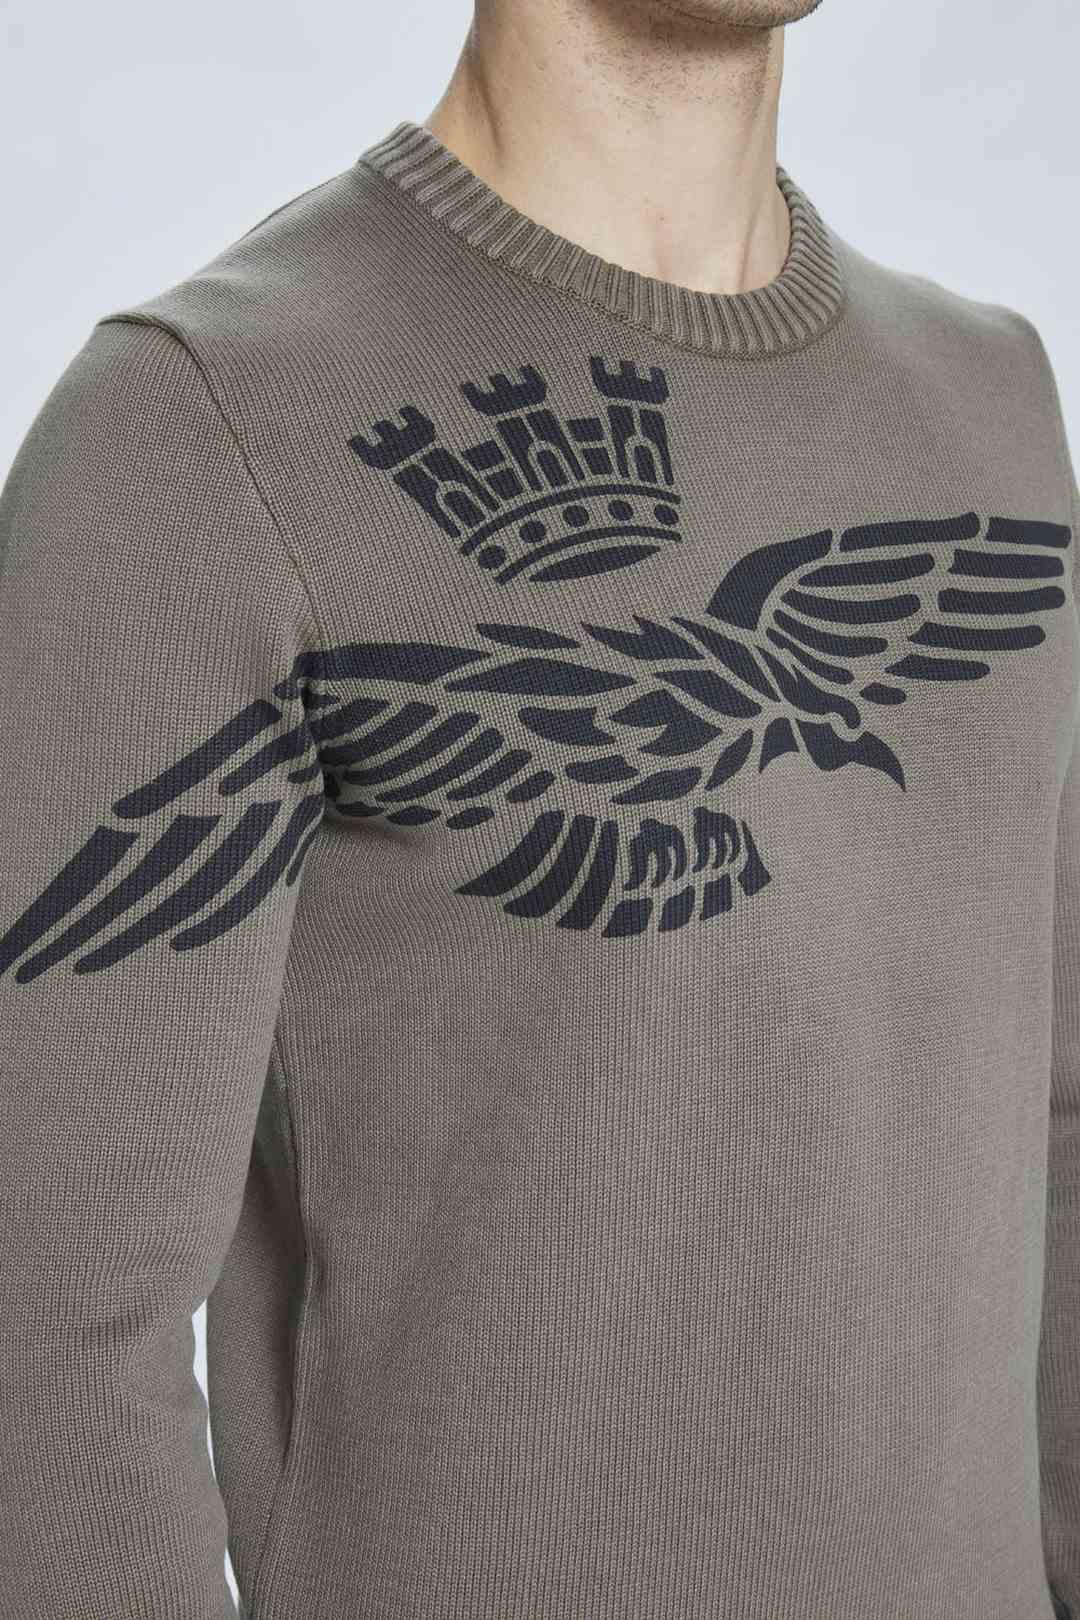 Pullover mit Adler Druck                 5